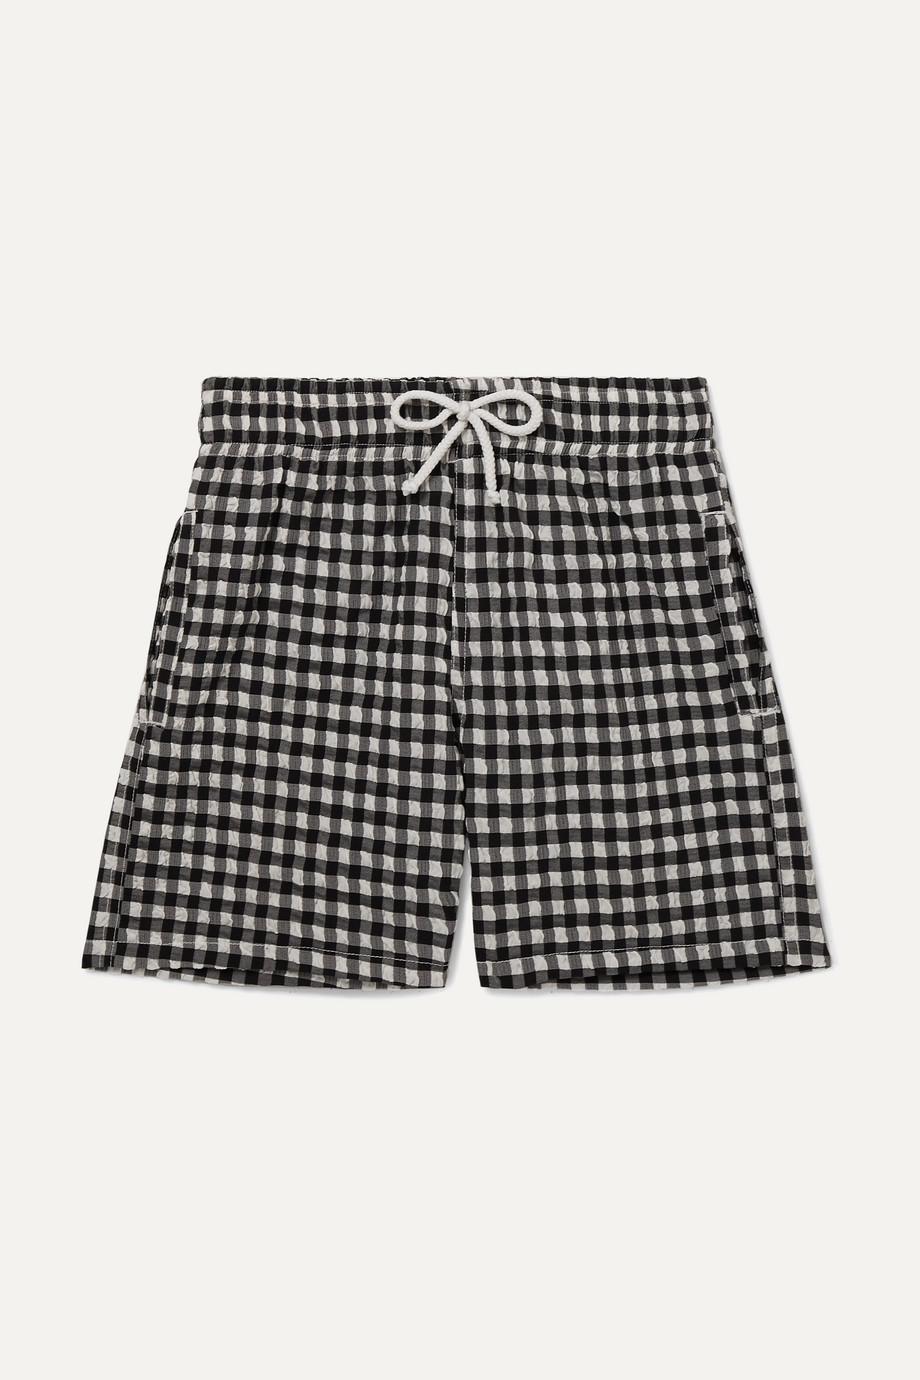 Solid & Striped Kids Gingham stretch-seersucker swim shorts